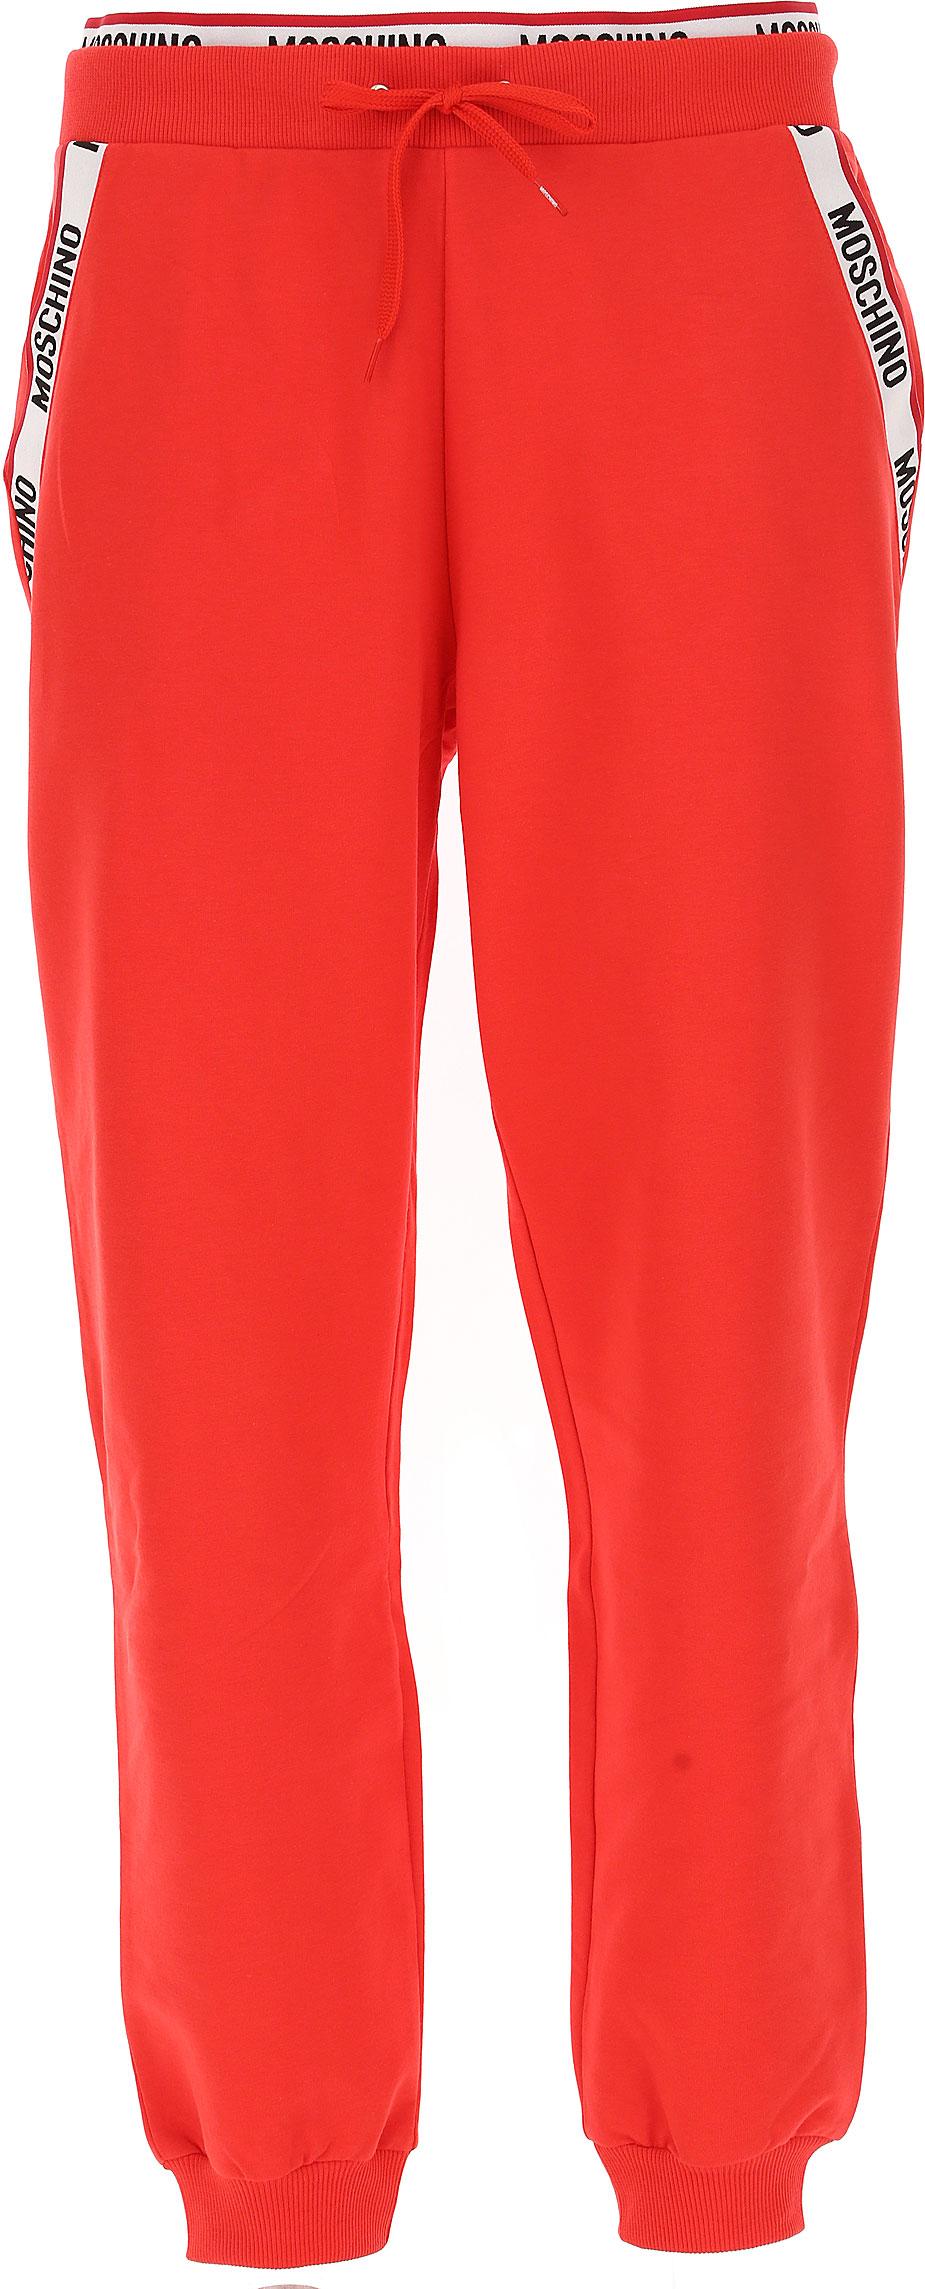 Abbigliamento Uomo Moschino, Codice Articolo: a4206-8109-114